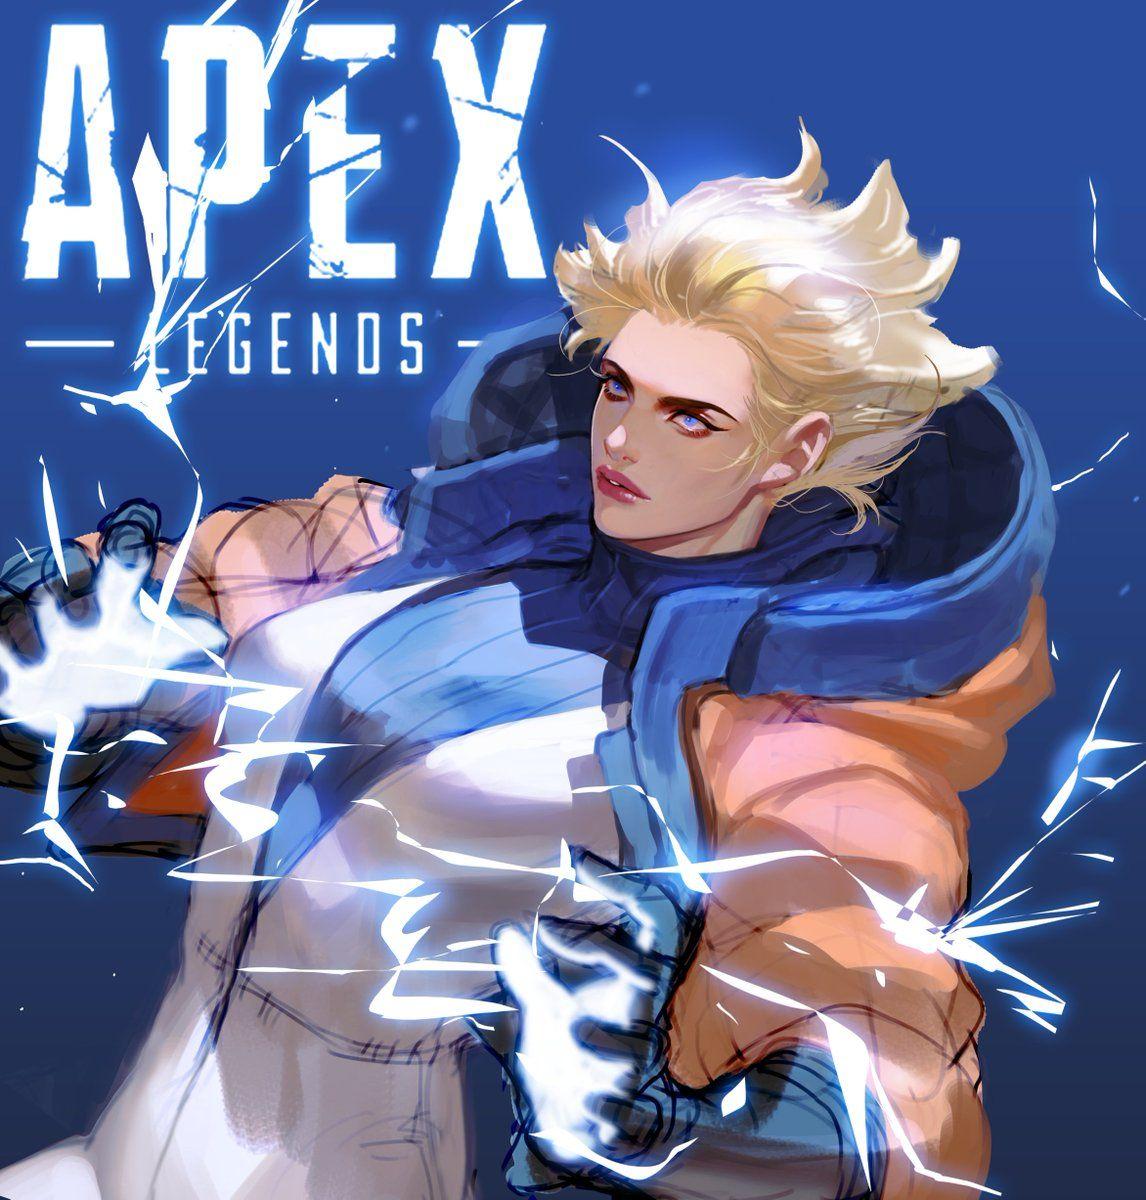 [변방숨덕]에이펙스에 진심인 에레스 on in 2020 Apex, Legend, Epic pictures